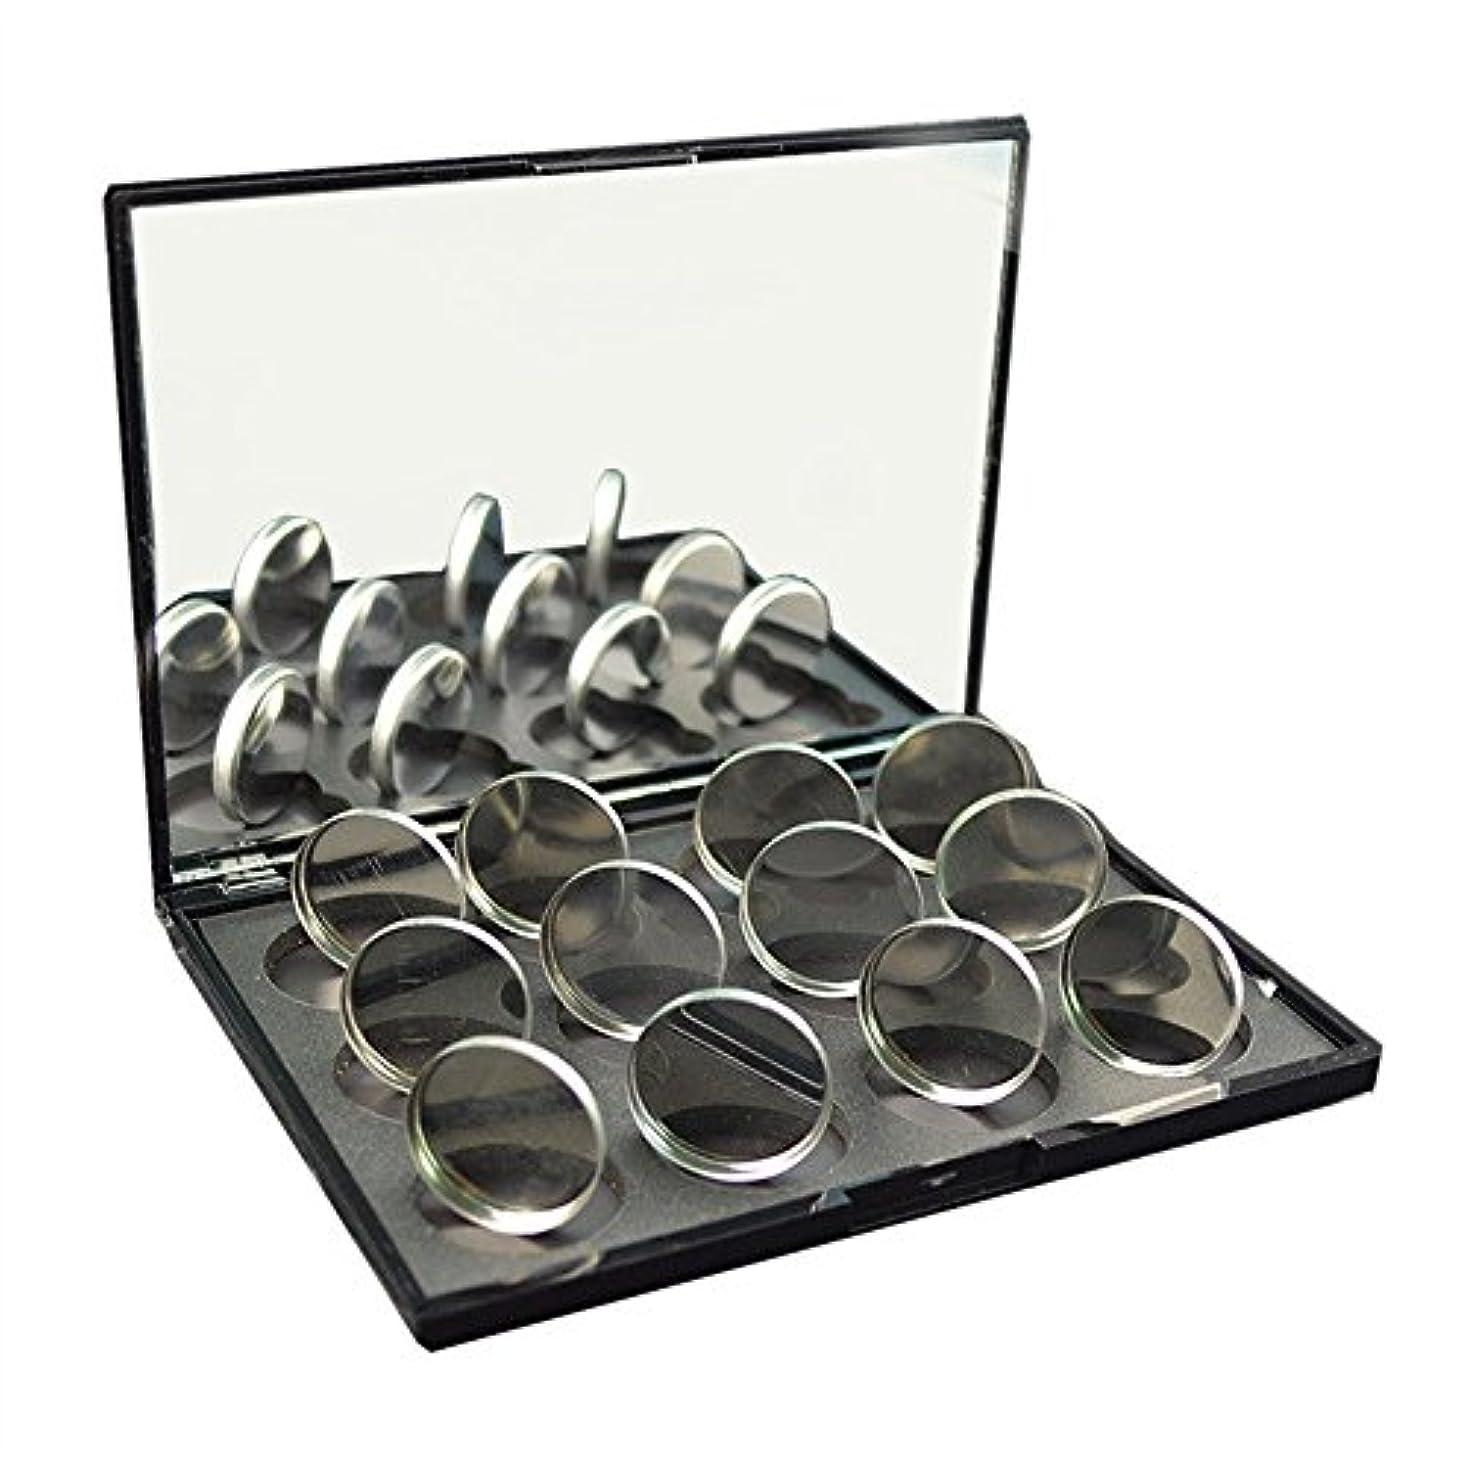 マーベル敬意被る磁石に敏感な粉のアイシャドウ26mmのための100pcs空の円形の錫鍋